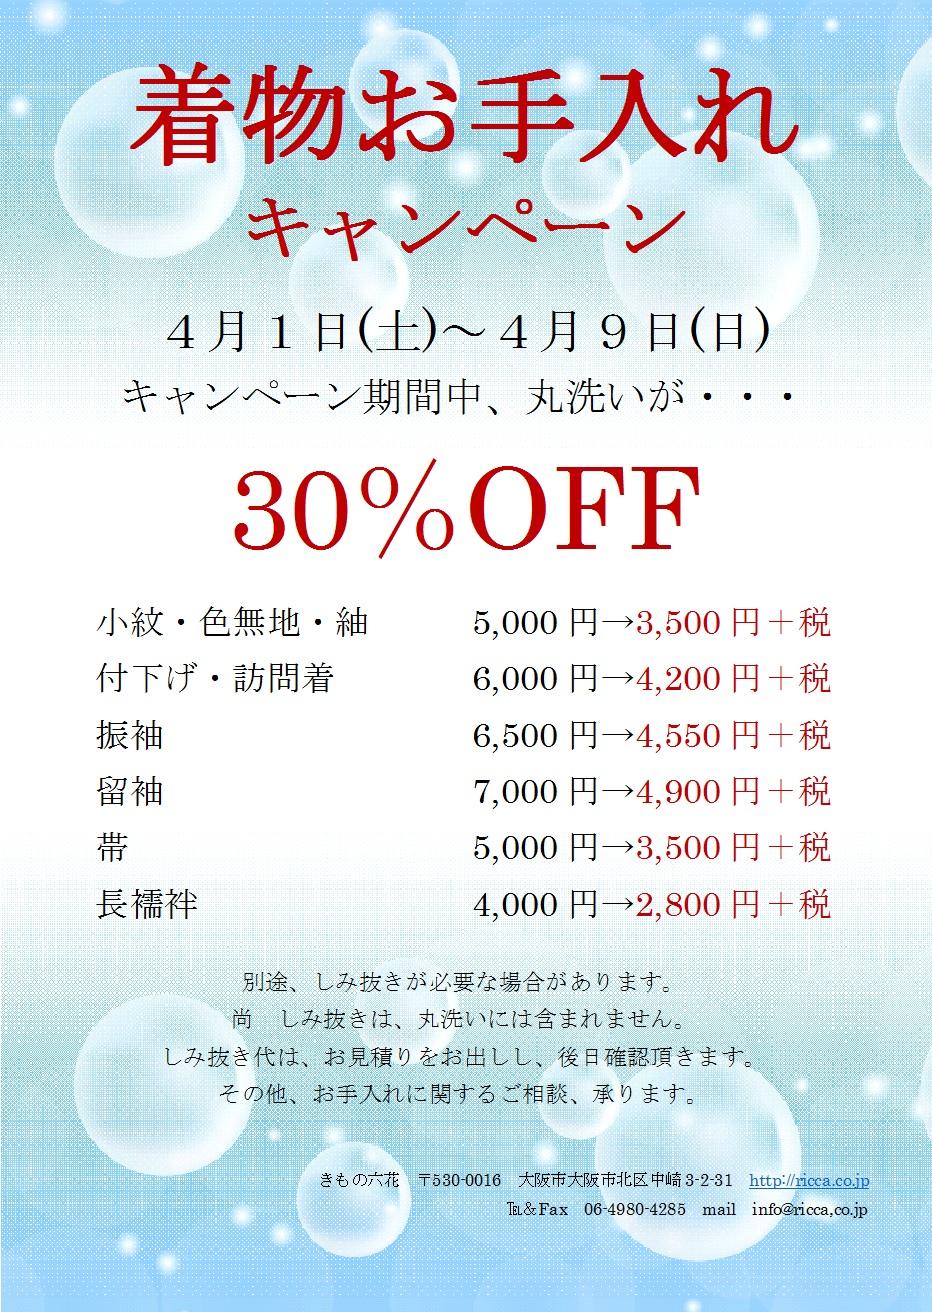 4月1日(土)~「丸洗いキャンペーン」